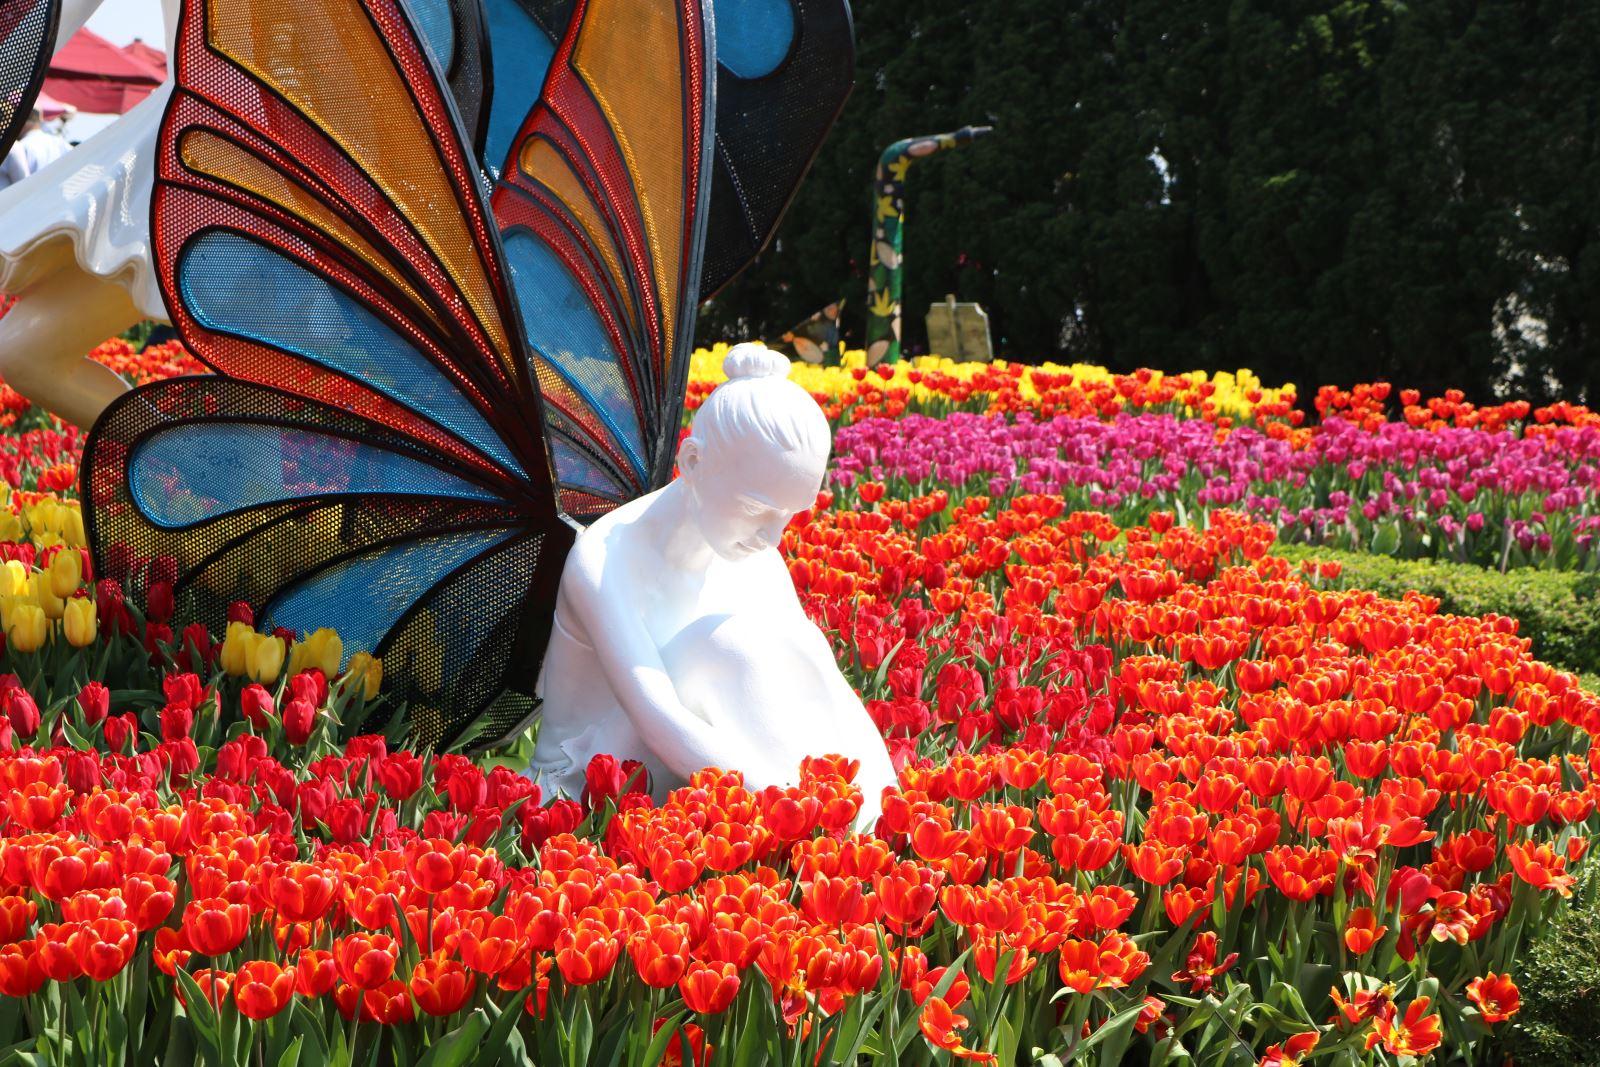 Đại diện khu du lịch cho biết Bà Nà là một trong số ít nơi có những giống tulip cánh kép như strong gold, spryng break, alibi, yellow flight, white liberstar…